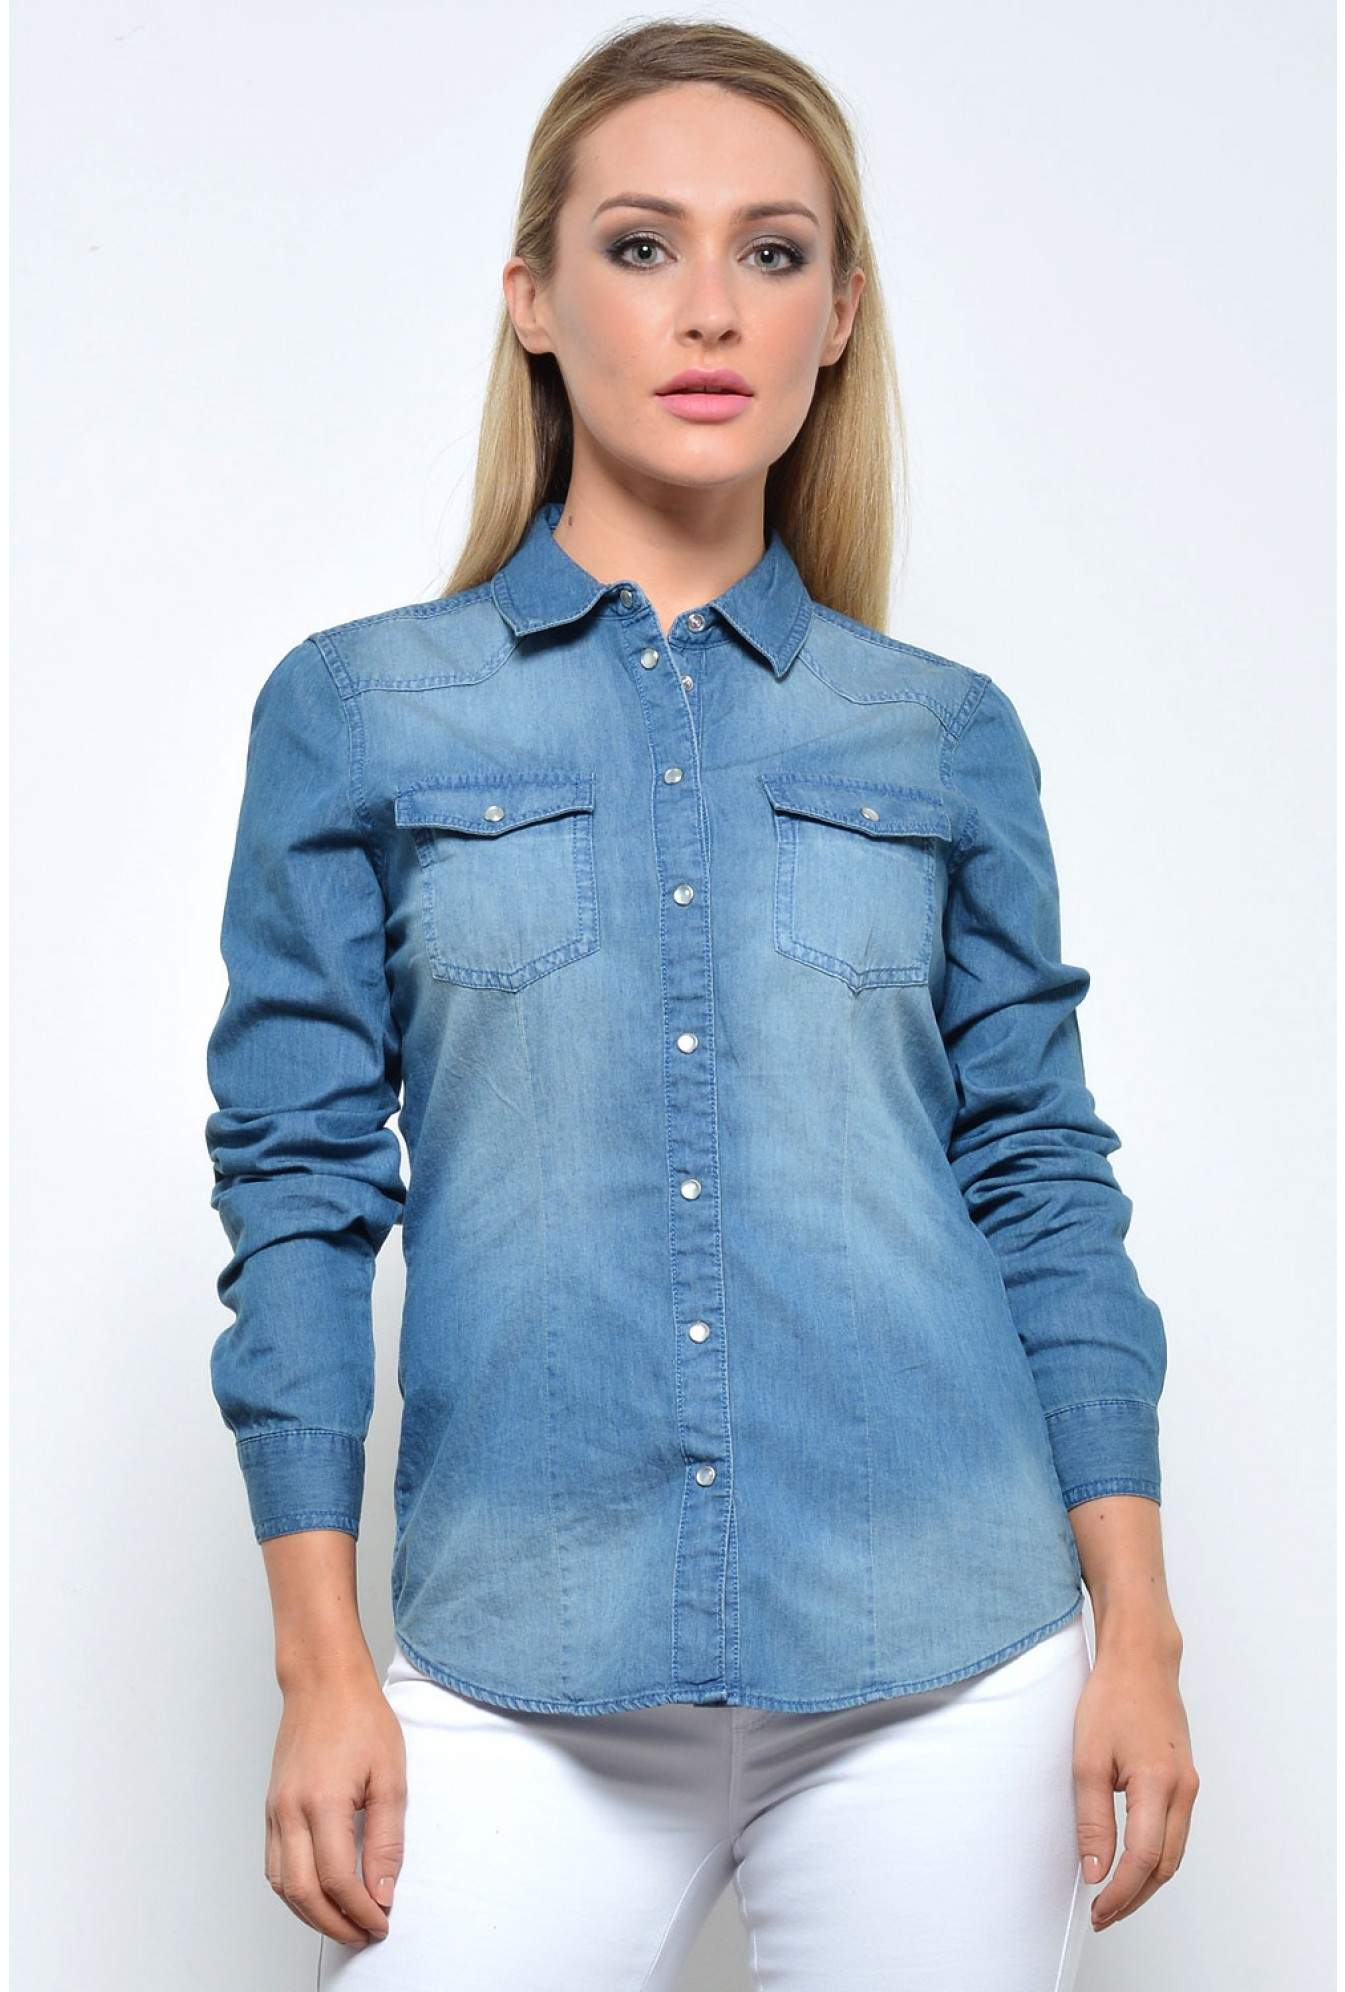 bf430474426 More Views. Always Rock it Denim Shirt in Dark Blue